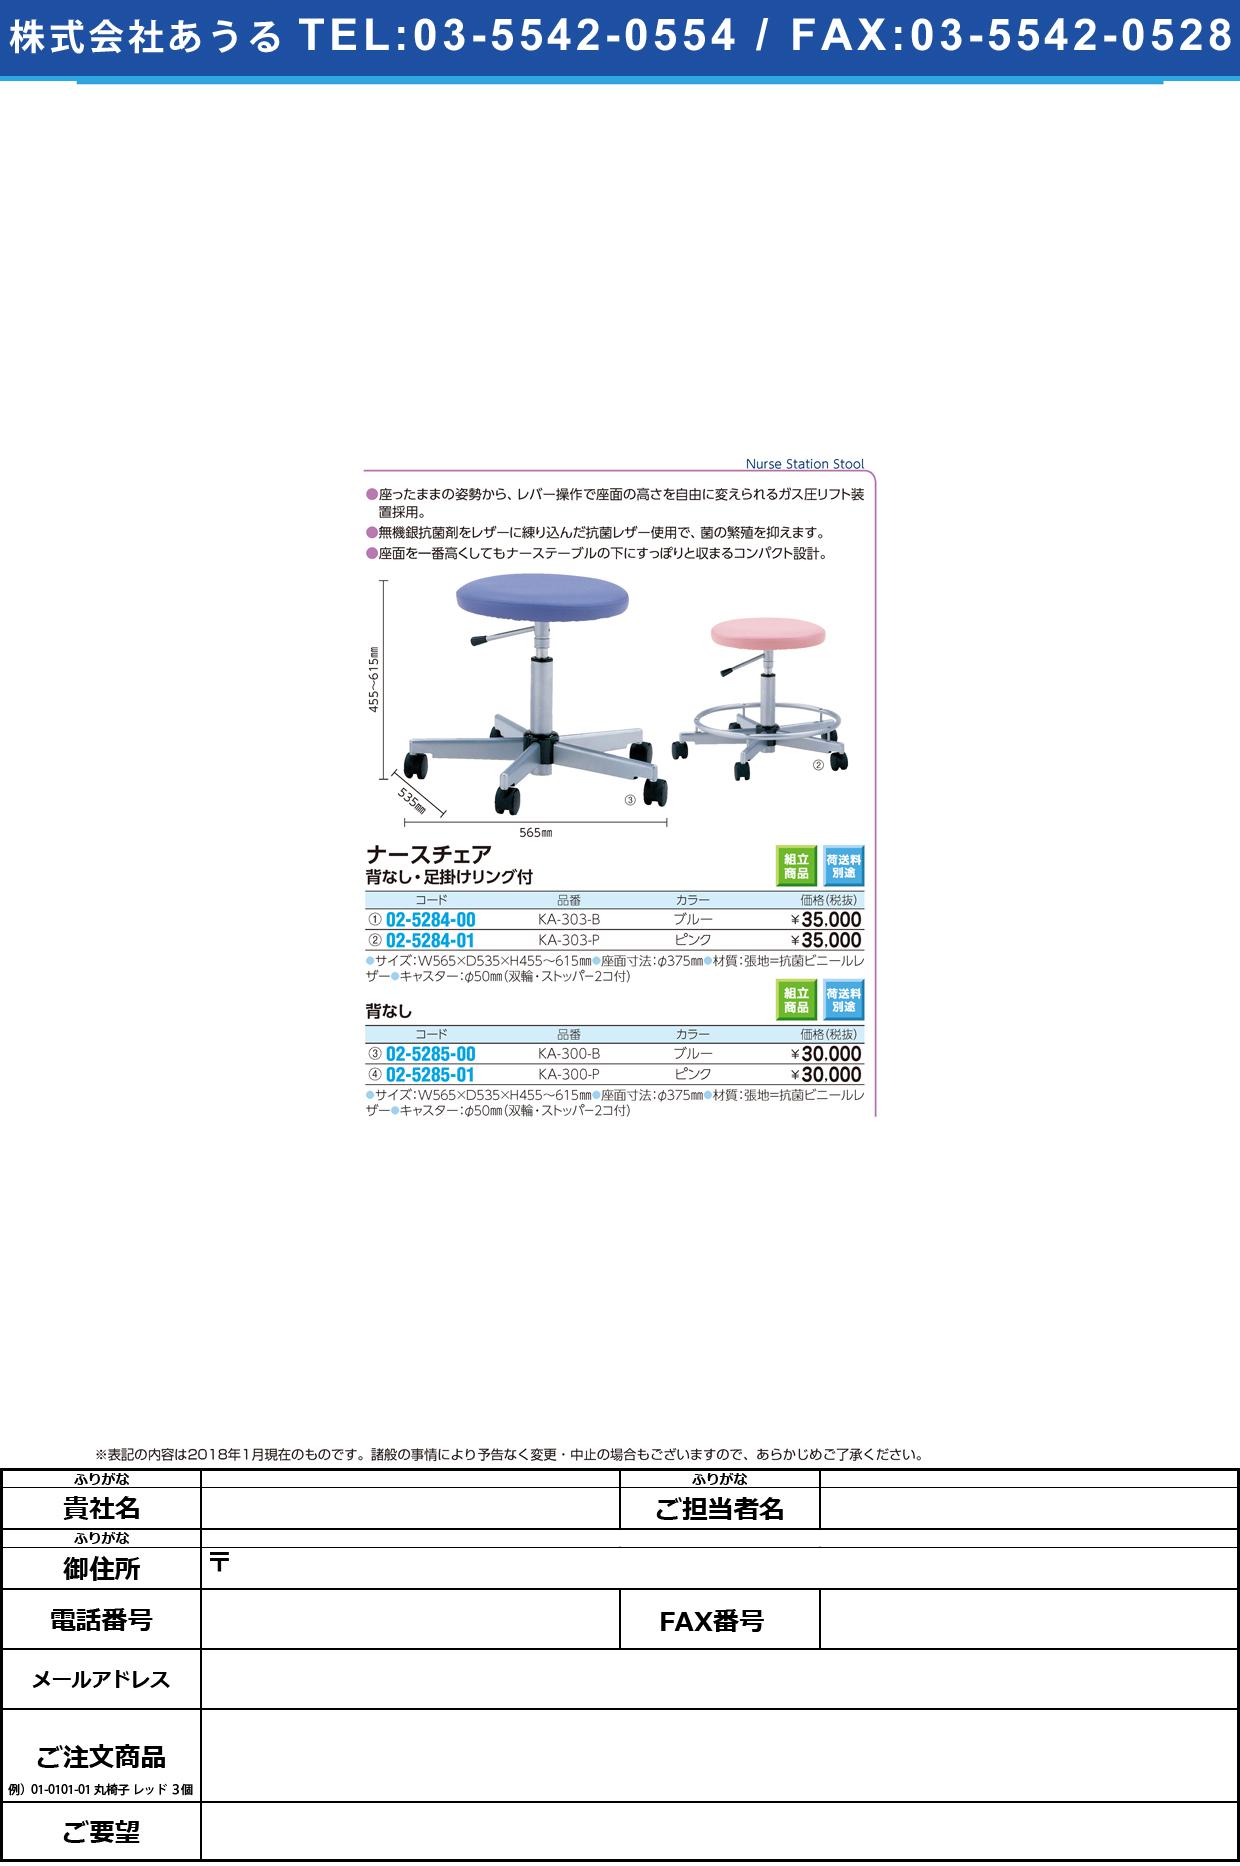 (02-5284-01)ナースステーションチェア KA-303-P(ピンク) KA303P(ケルン)【1台単位】【2018年カタログ商品】